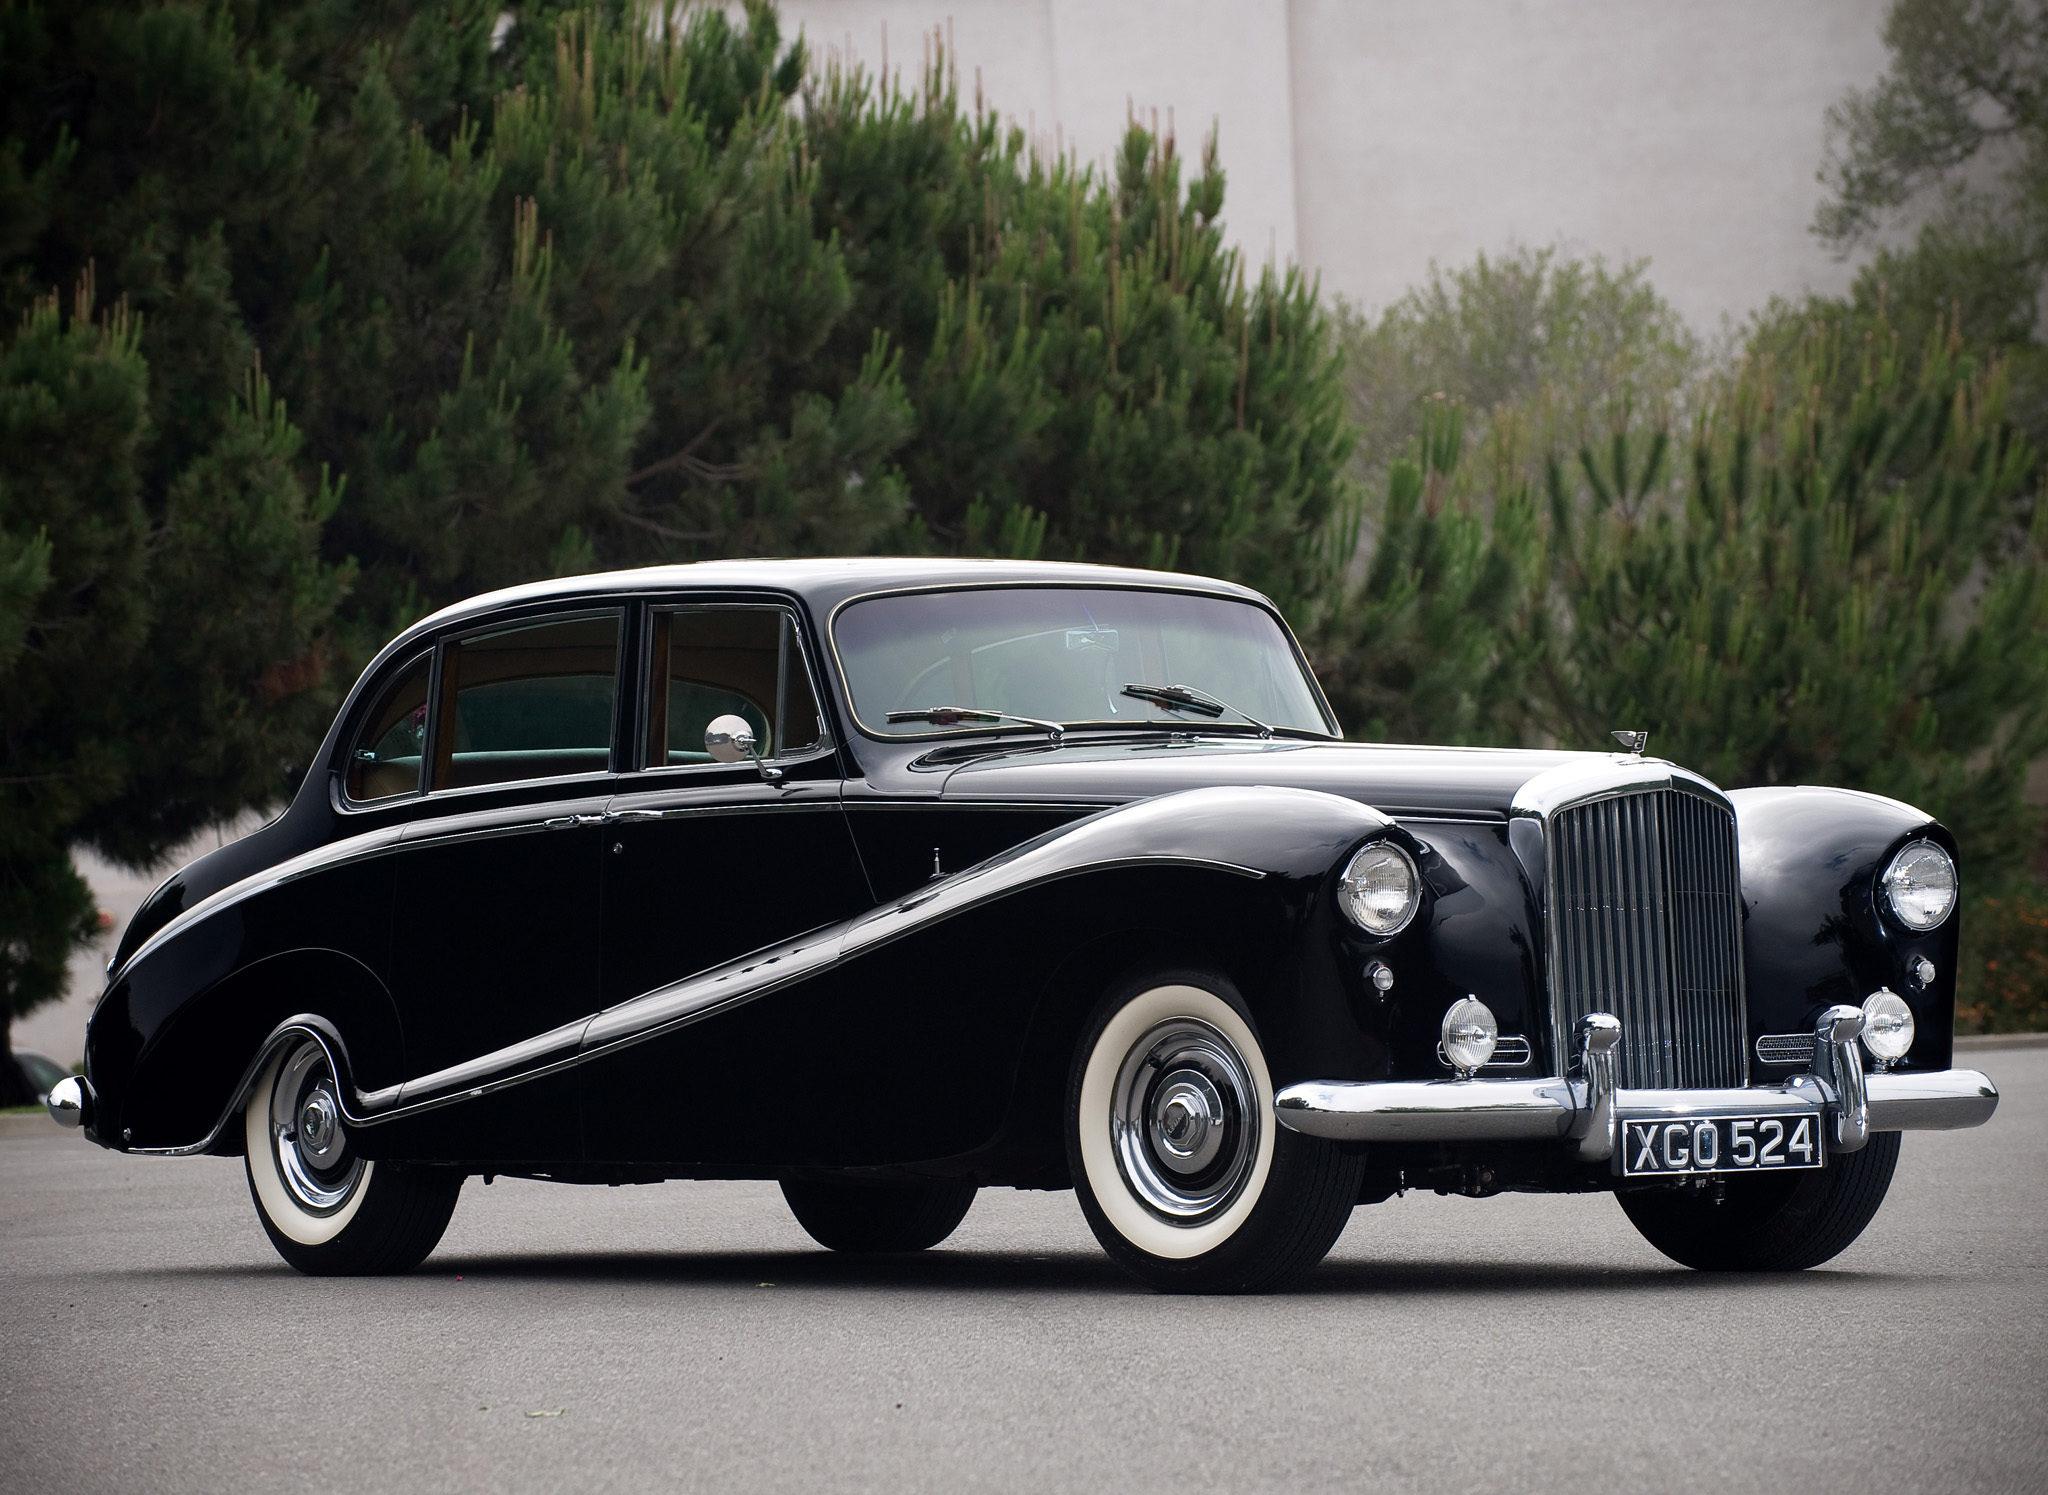 1959 Bentley S1 Empress Saloon